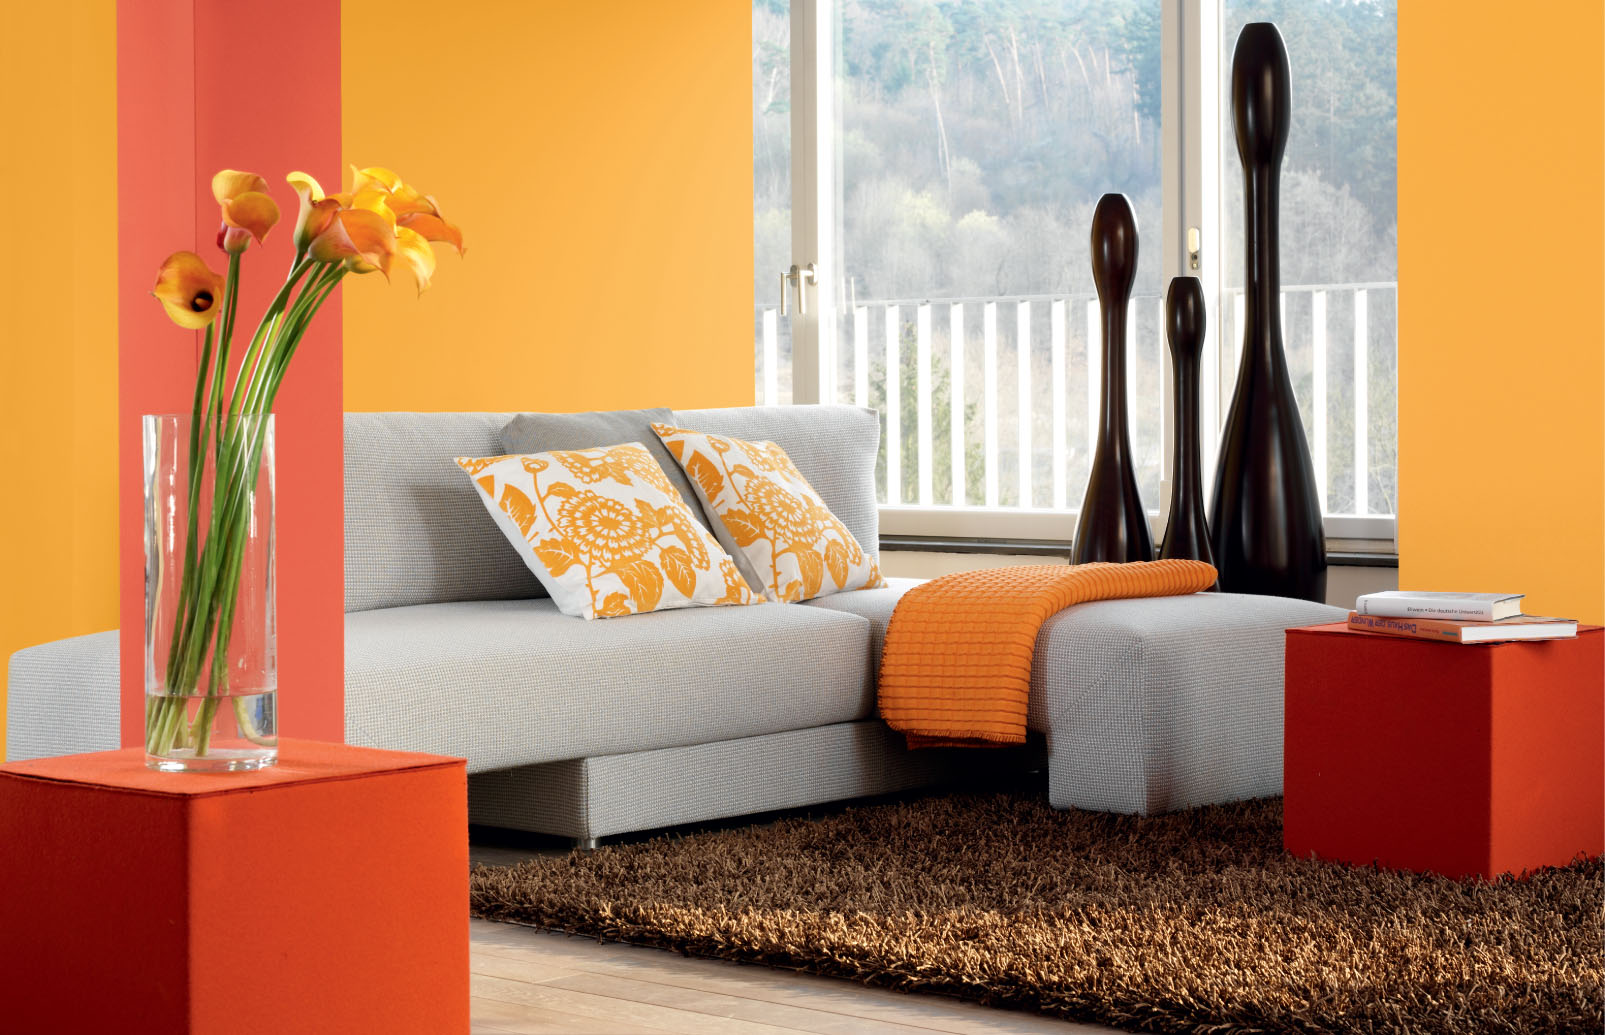 gelb in räumen | wohnen | homegate.ch - Wohnzimmer Gelb Orange